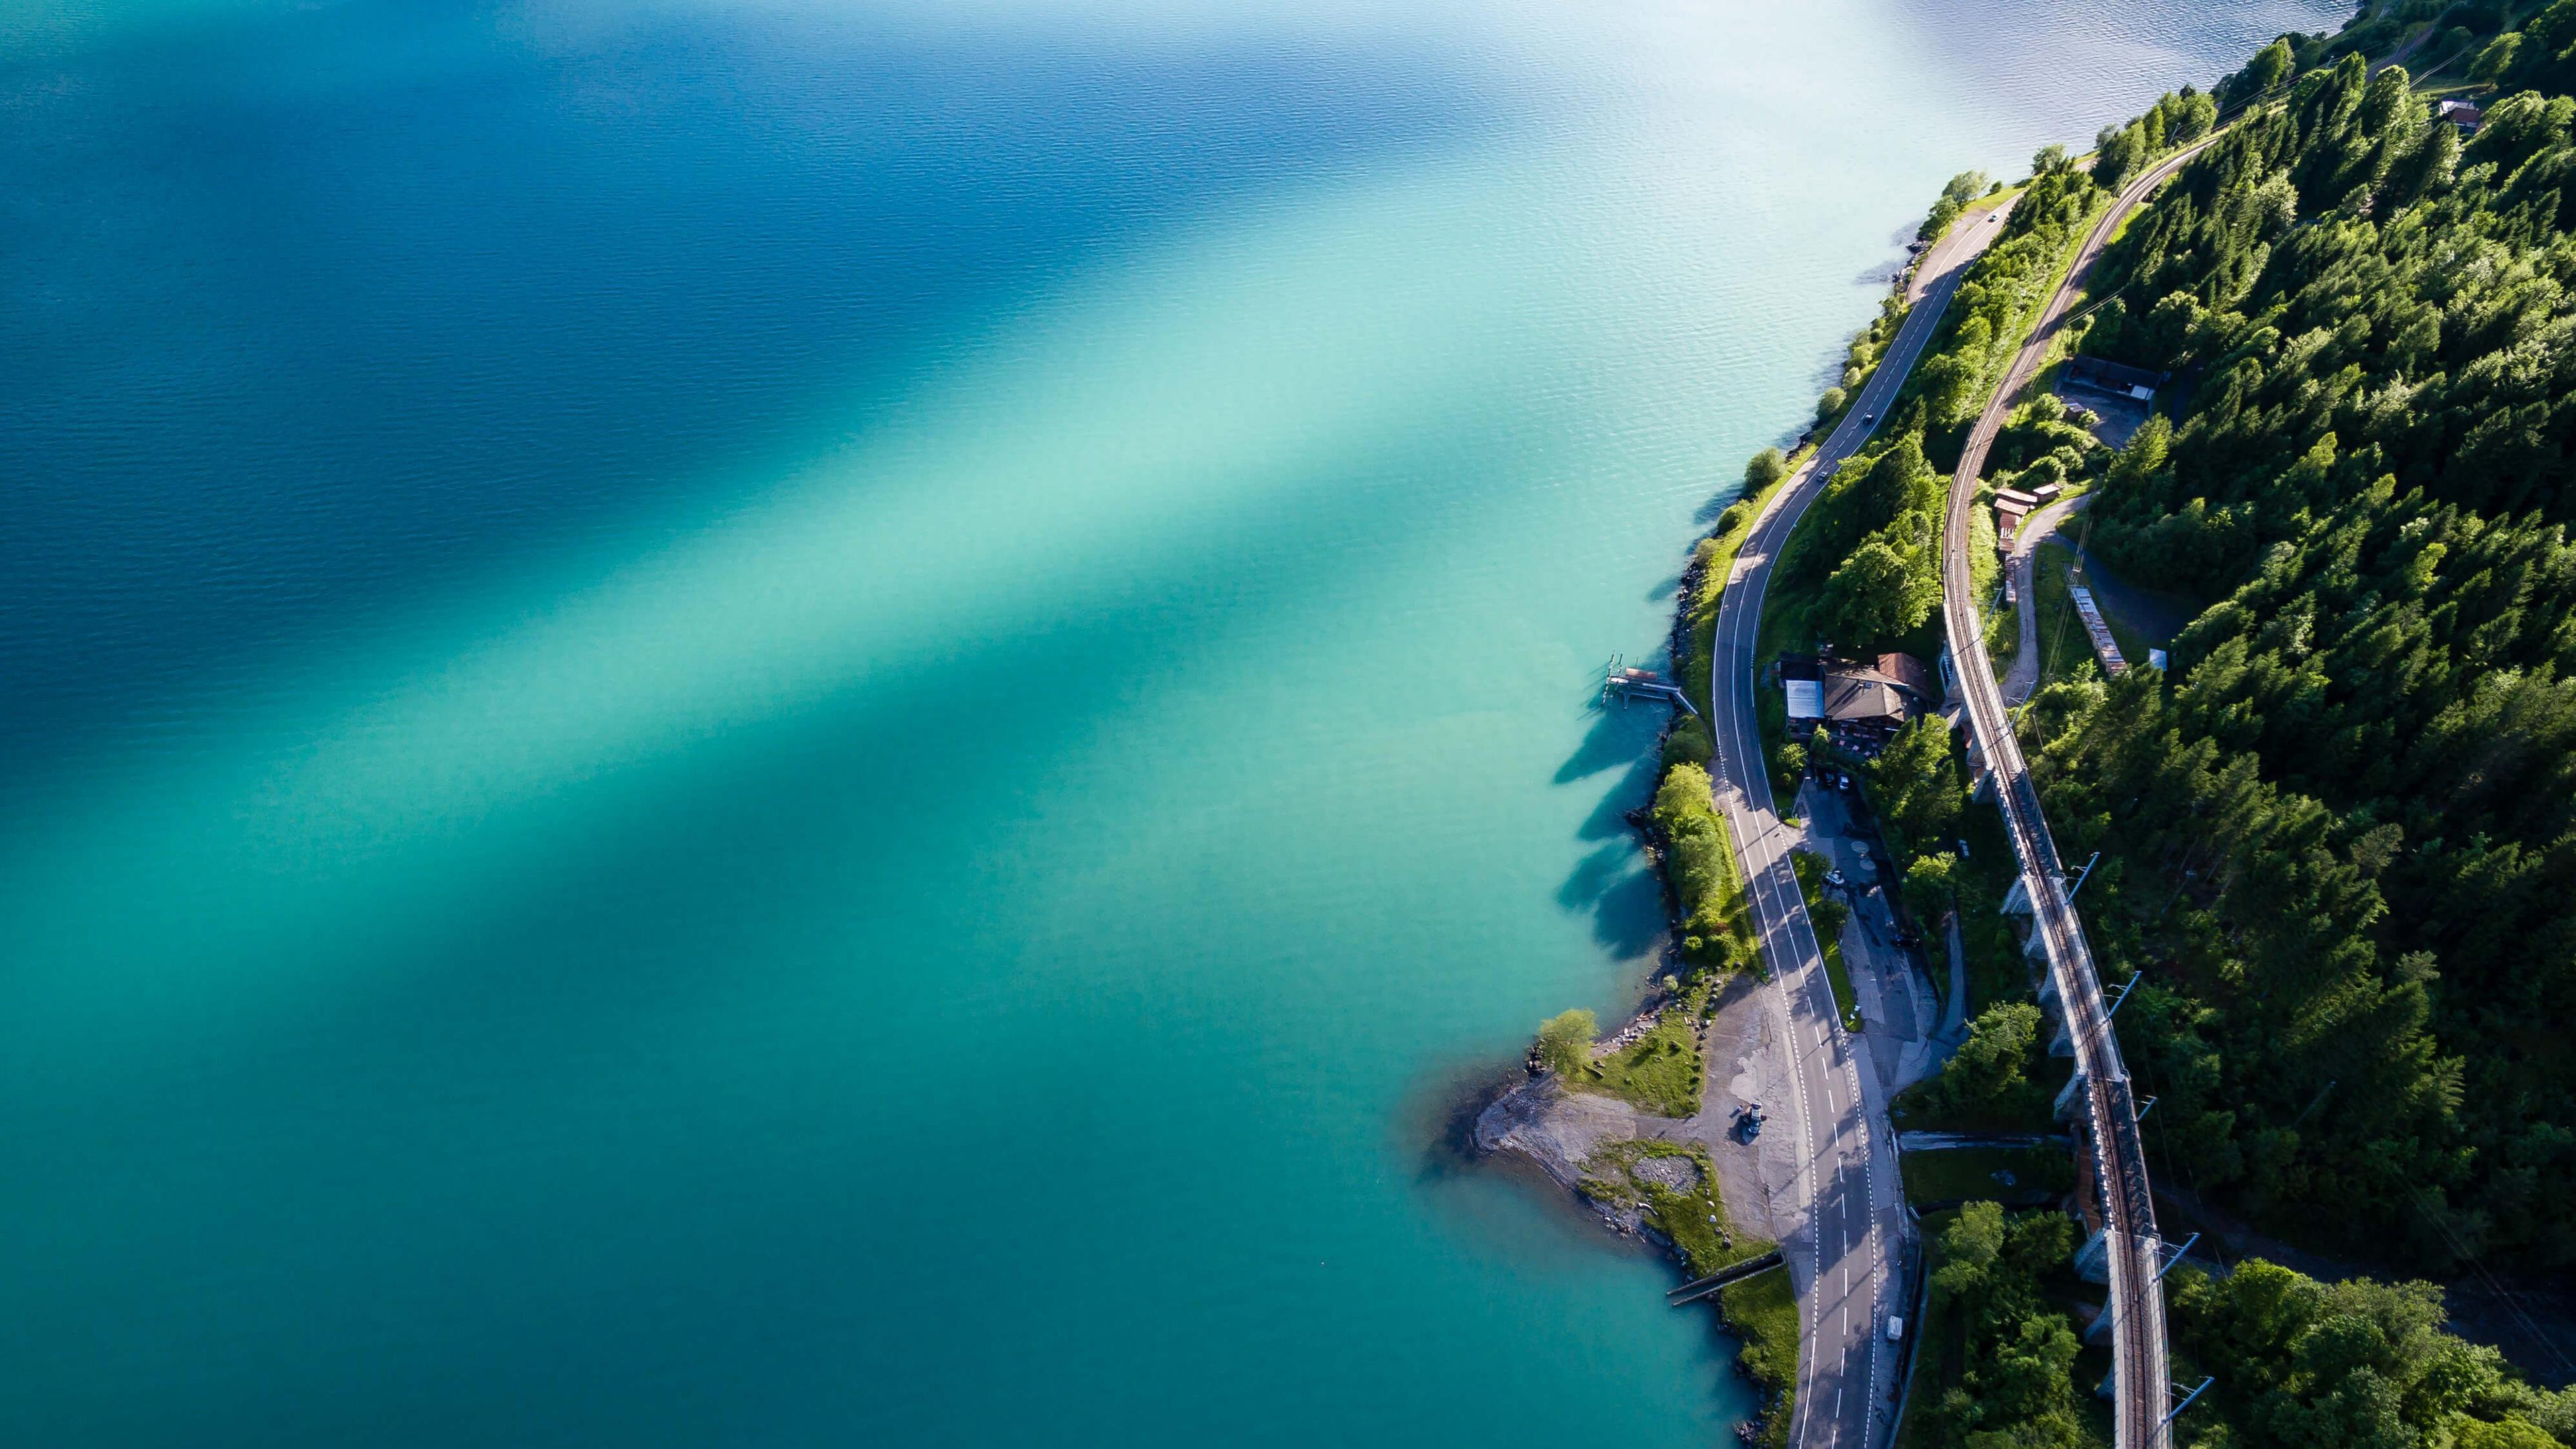 Ocean Aerial View Hd   3840x2160 Wallpaper   teahubio 3840x2160